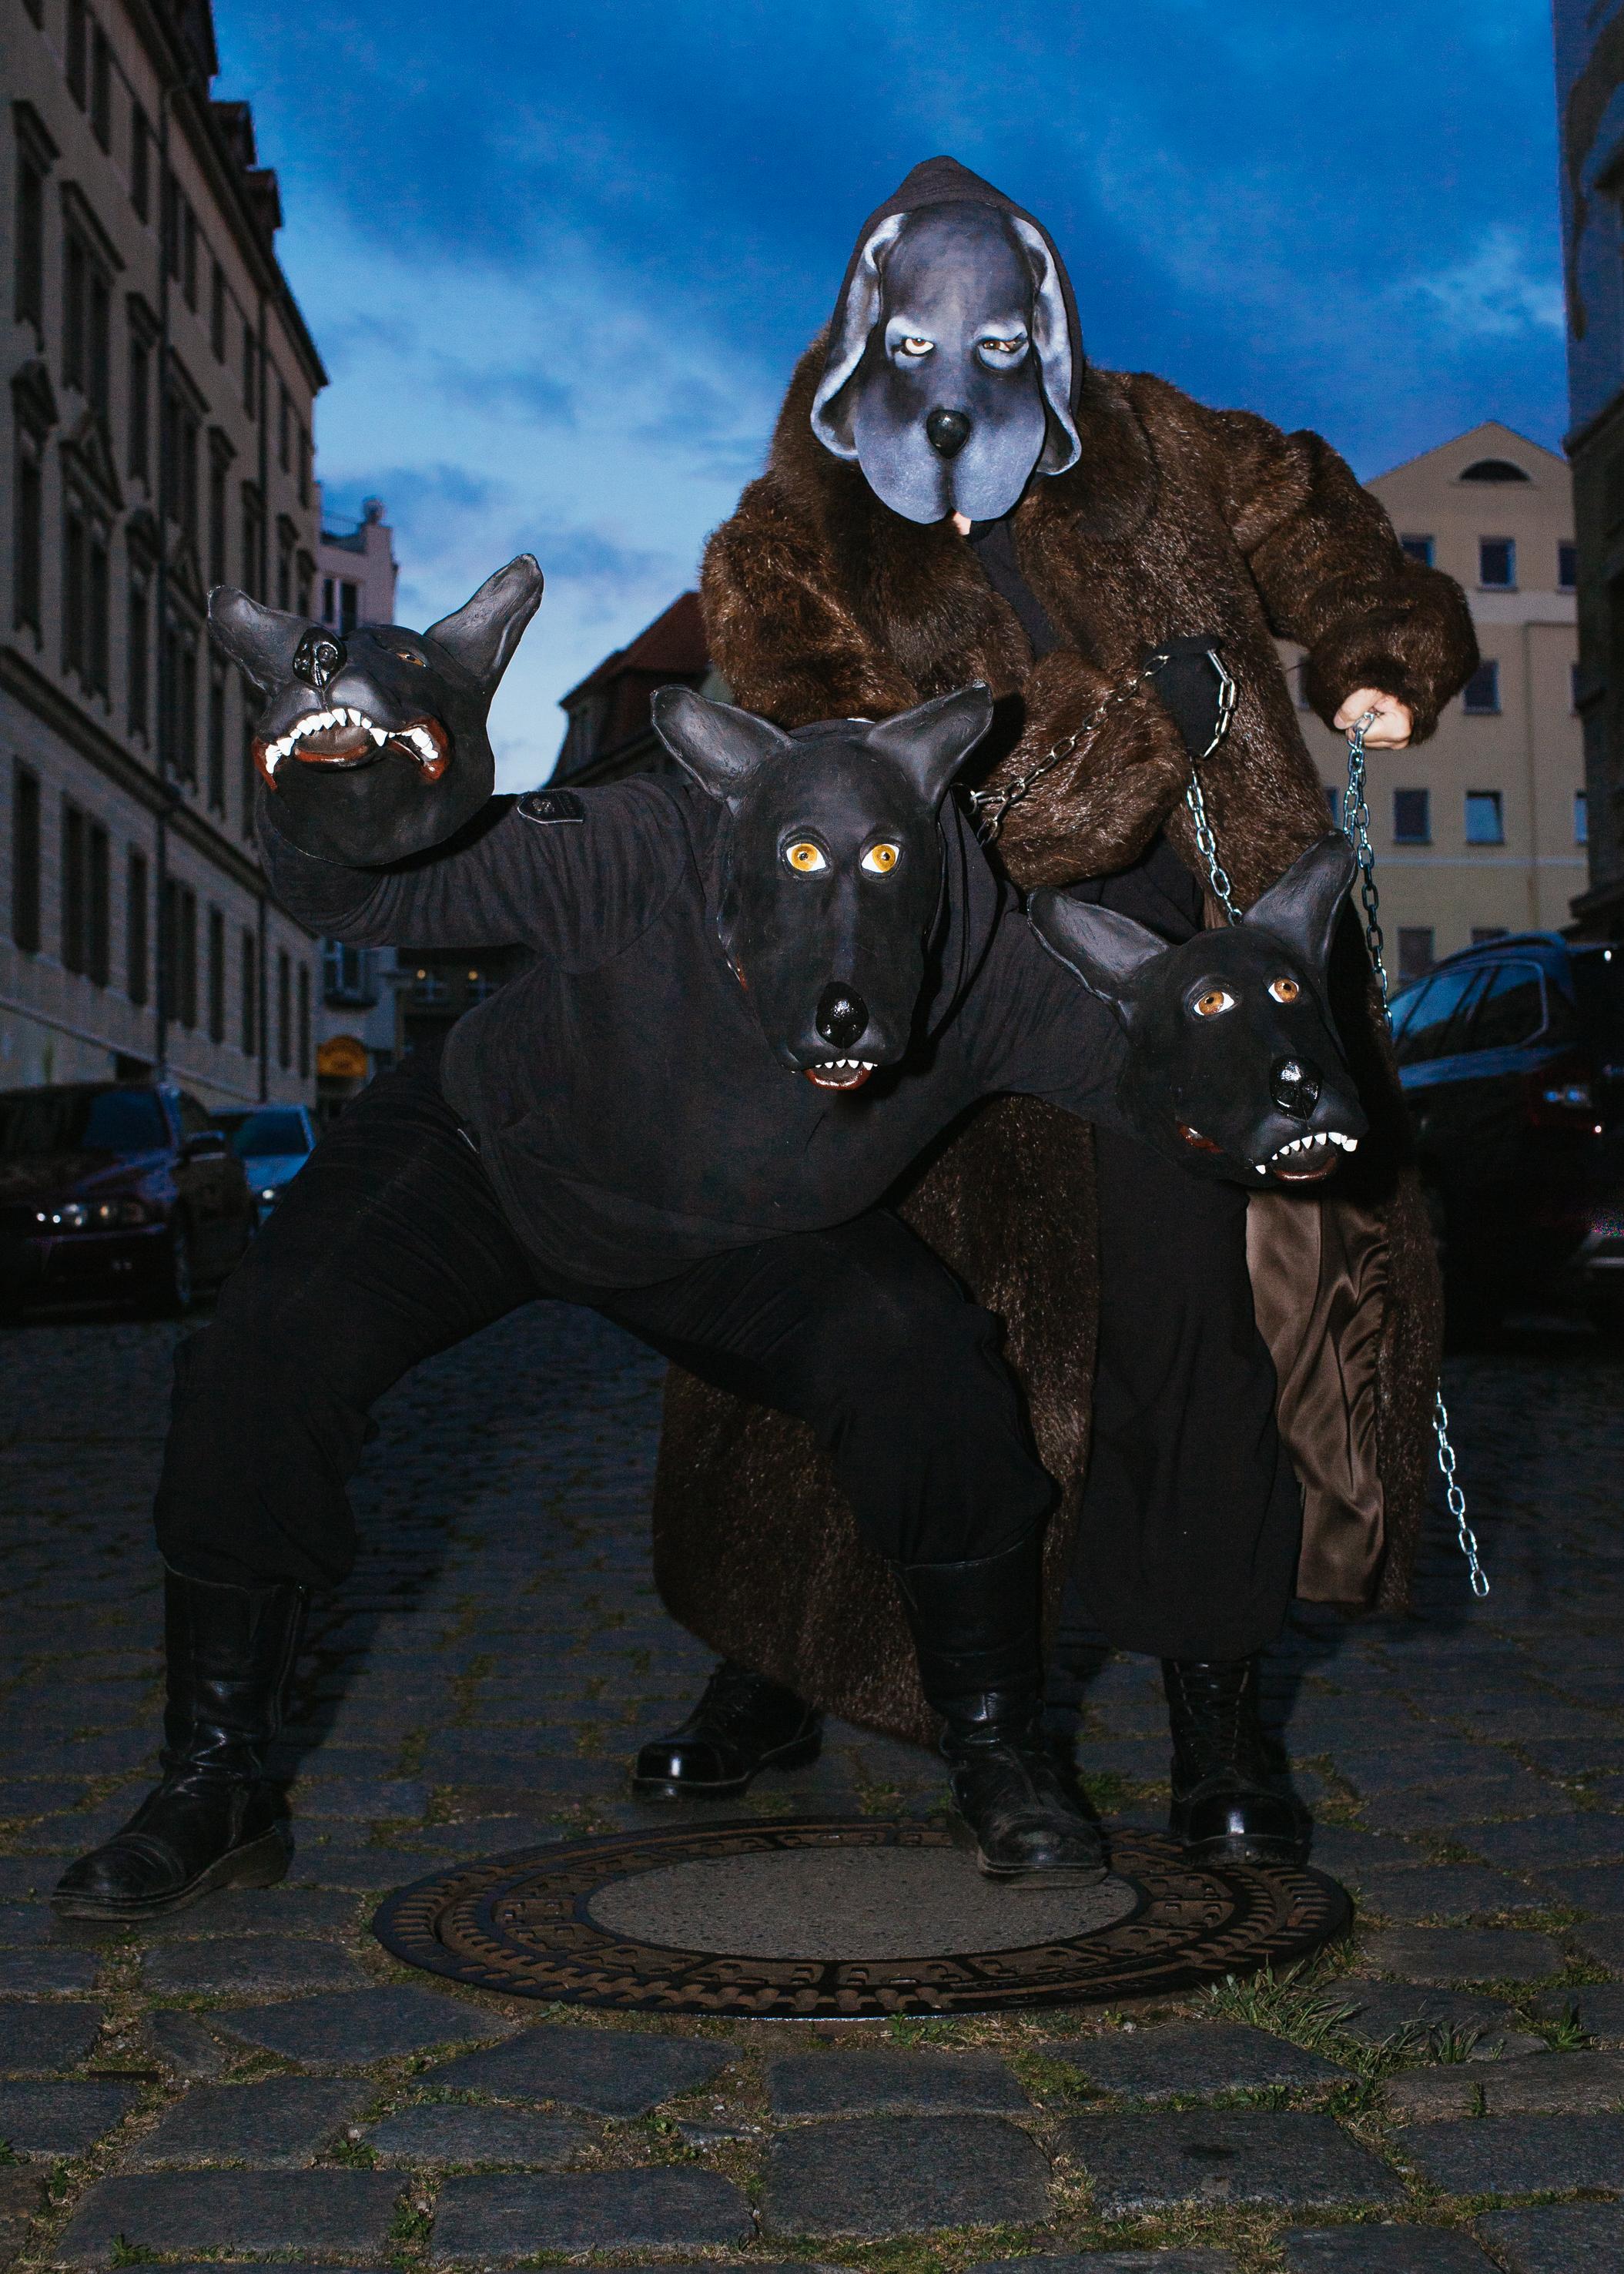 Figurenspielerin Julia Raab und Anja Schwede mit Vollmasken und Figuren auf den Straßen von Halle (Saale) für die Figurentheaterproduktion 'Der schwarze Hund'; Foto: Julia Fenske